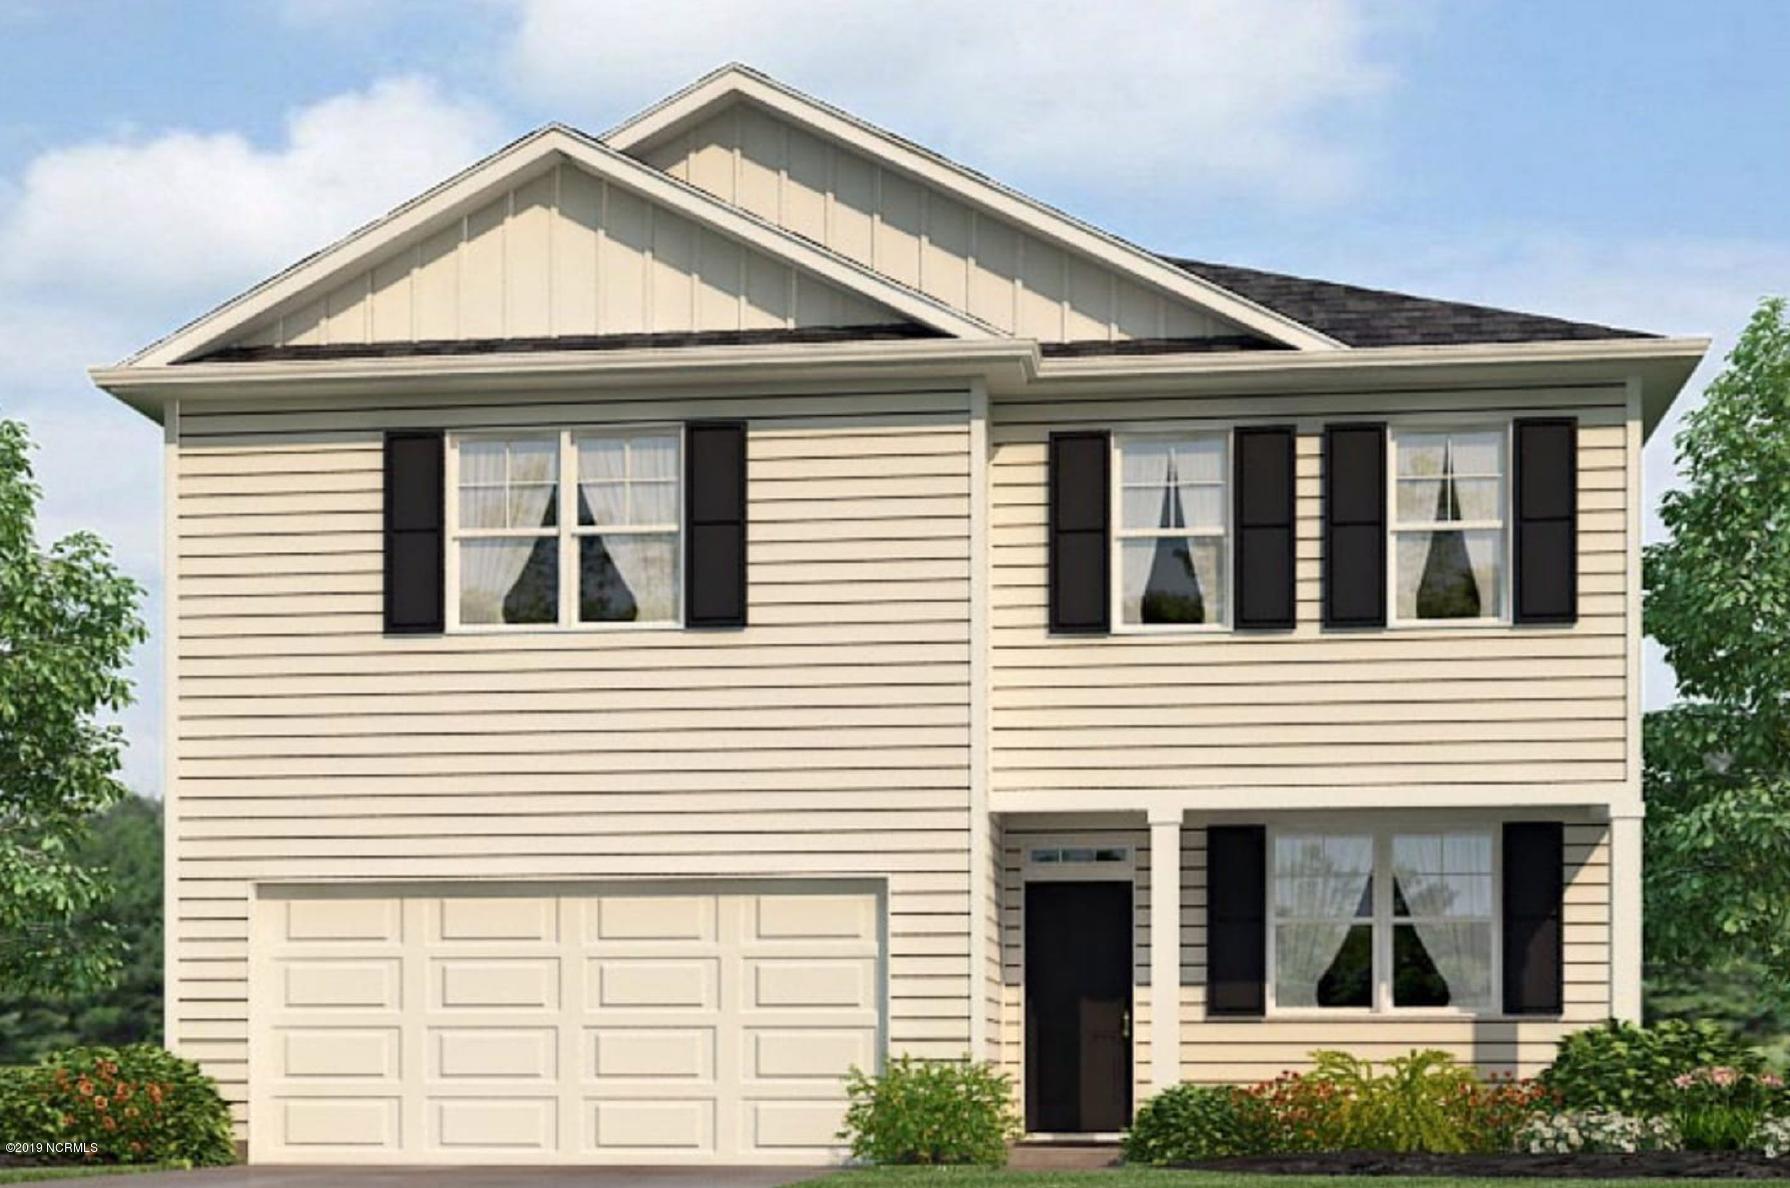 846 Barbon Beck Lane #lot 3307 Leland, NC 28451